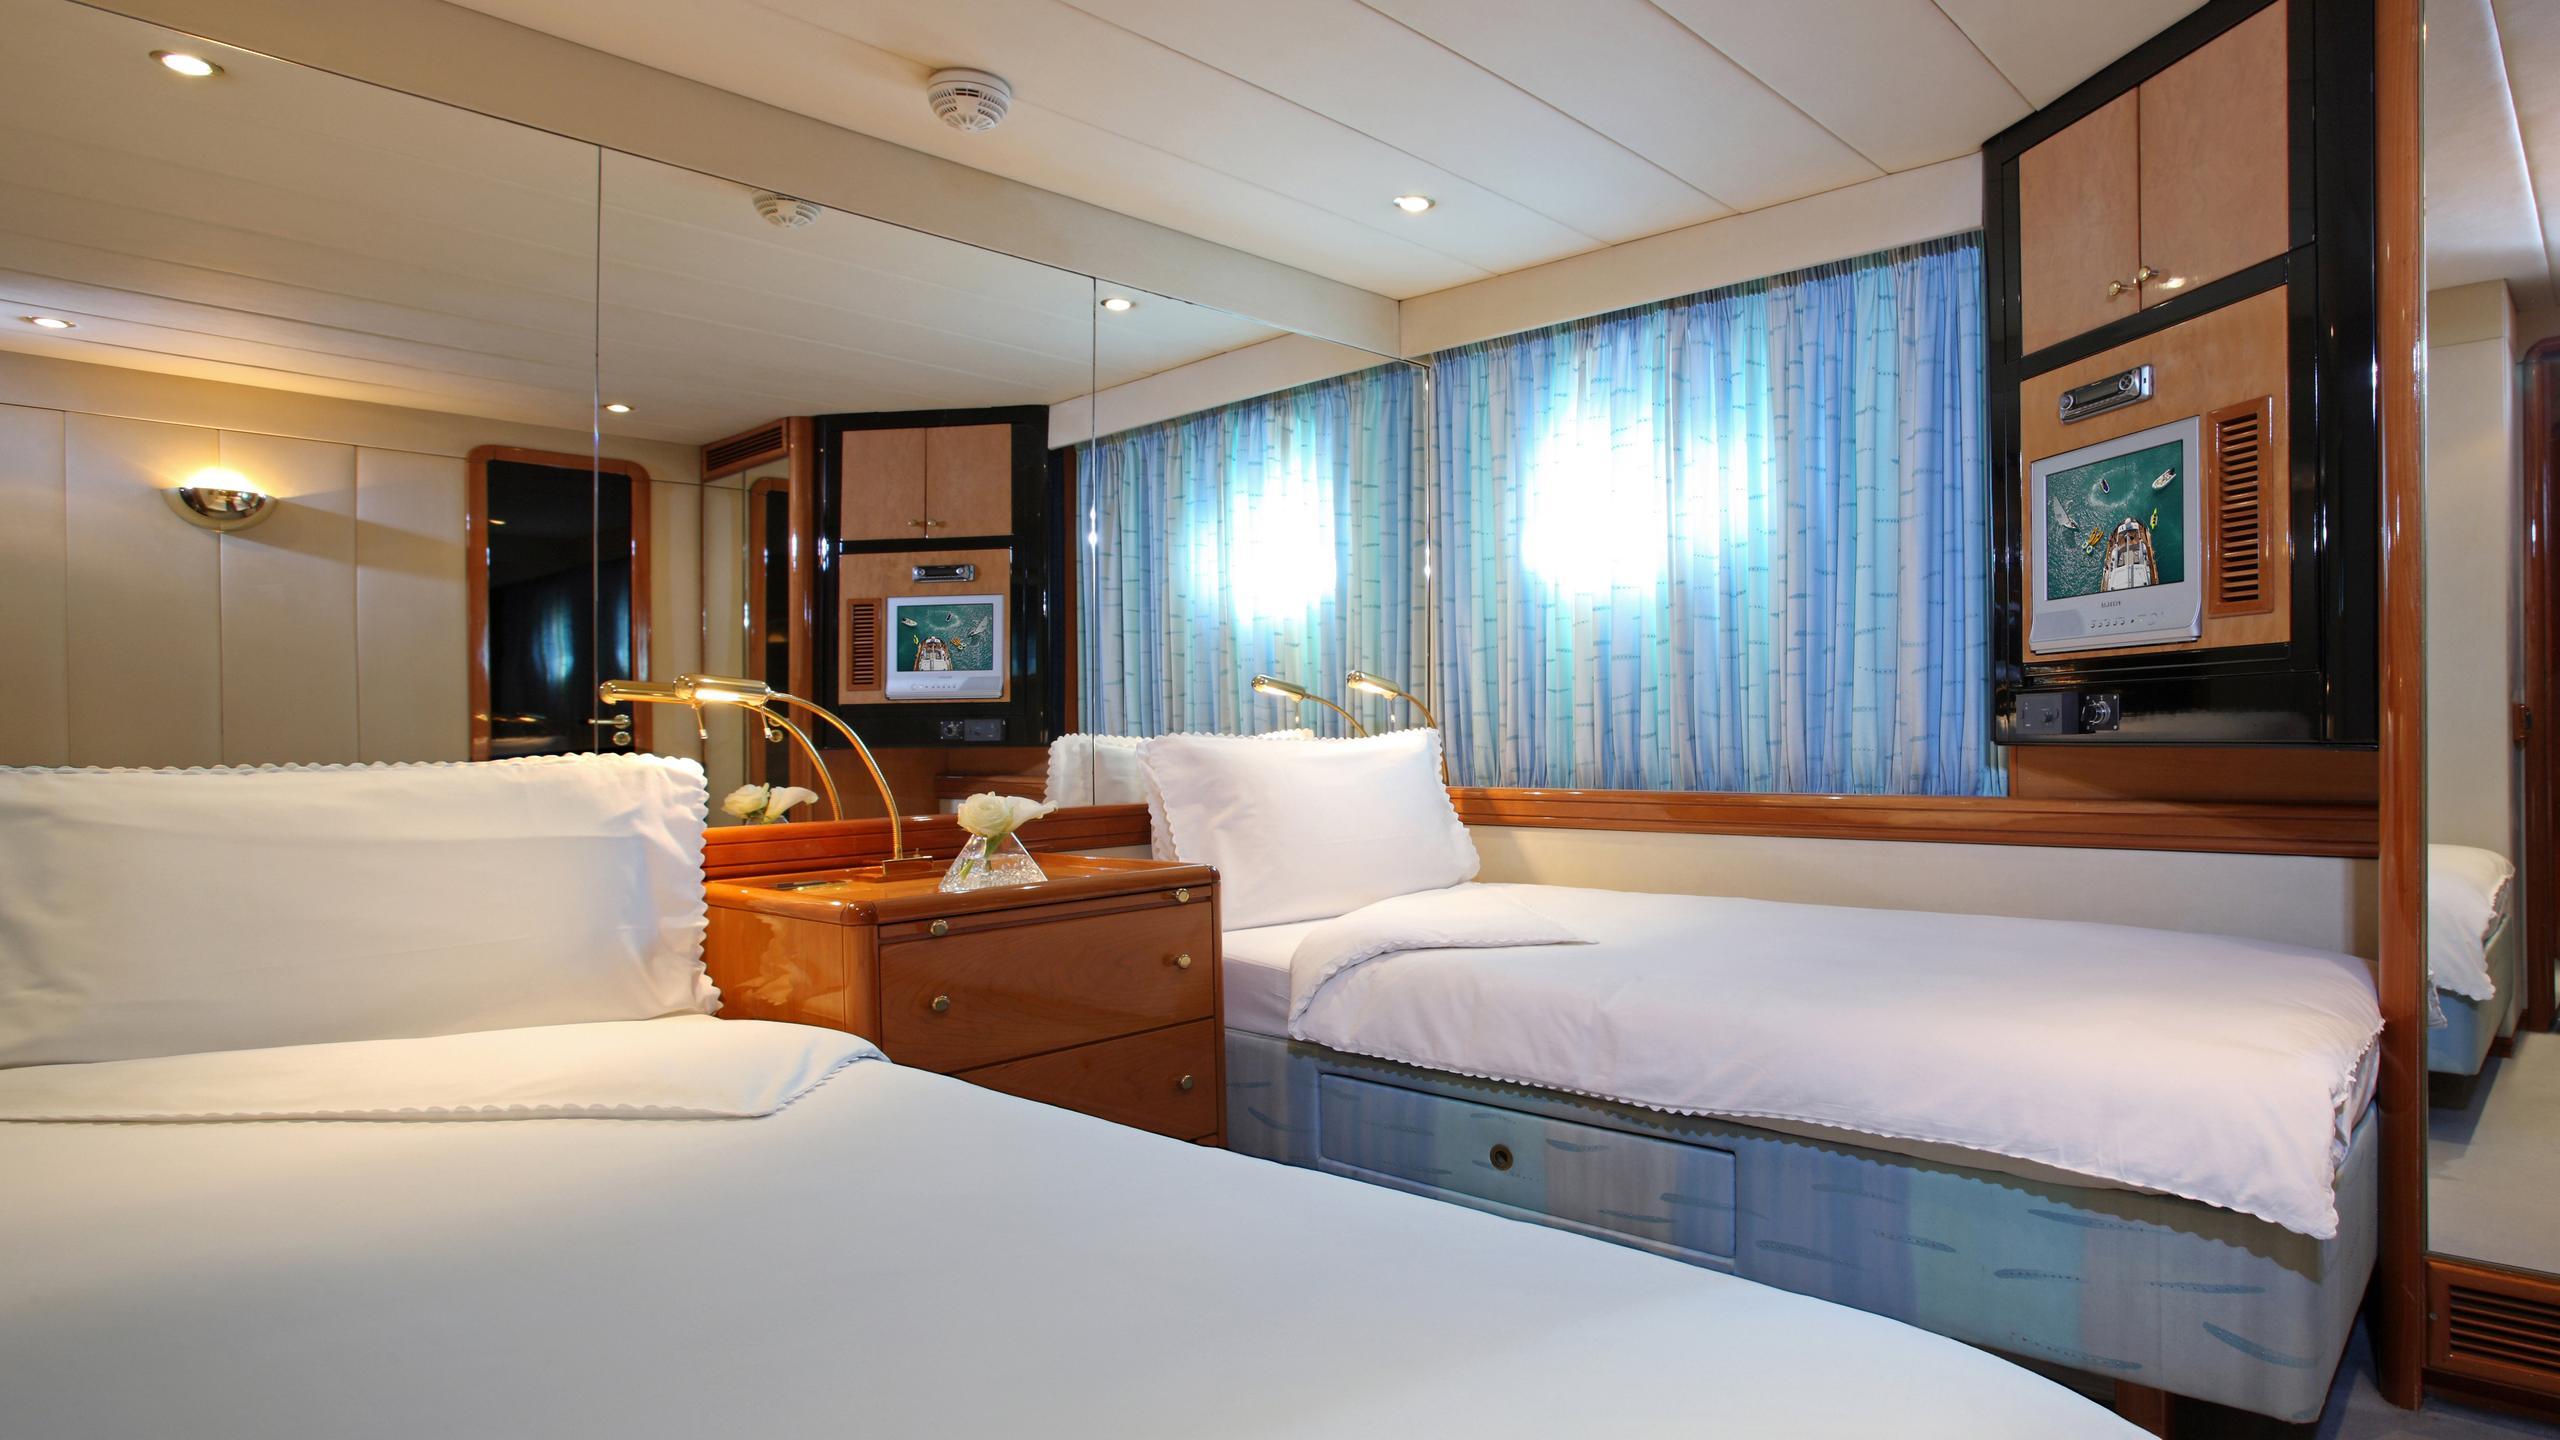 unplugged-sailing-yacht-valdettaro-112-1992-34m-twin-cabin